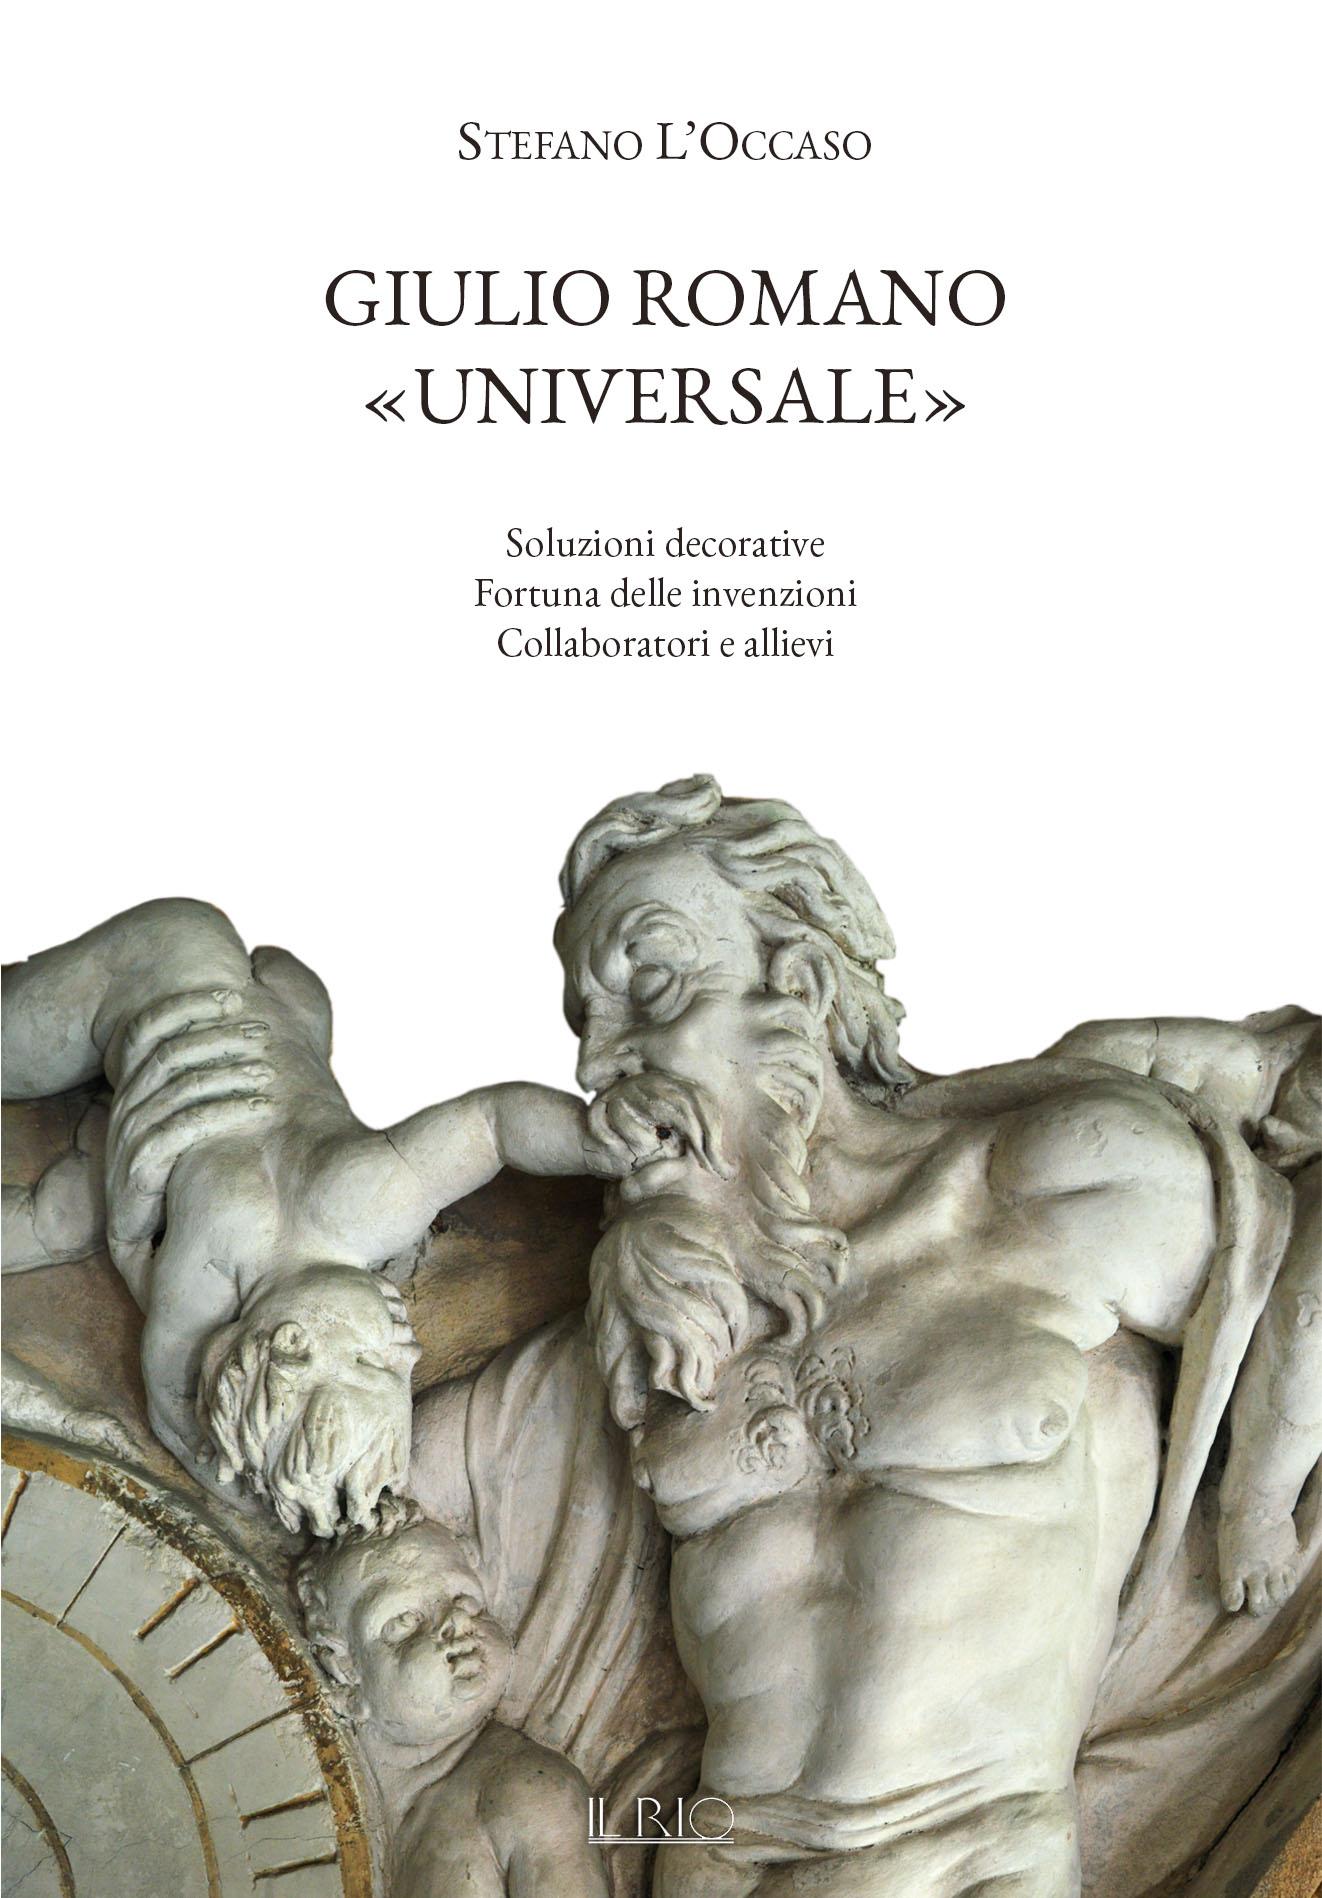 Novità e aspetti inediti su Giulio Romano a Mantova nel nuovo libro di Stefano L'Occaso